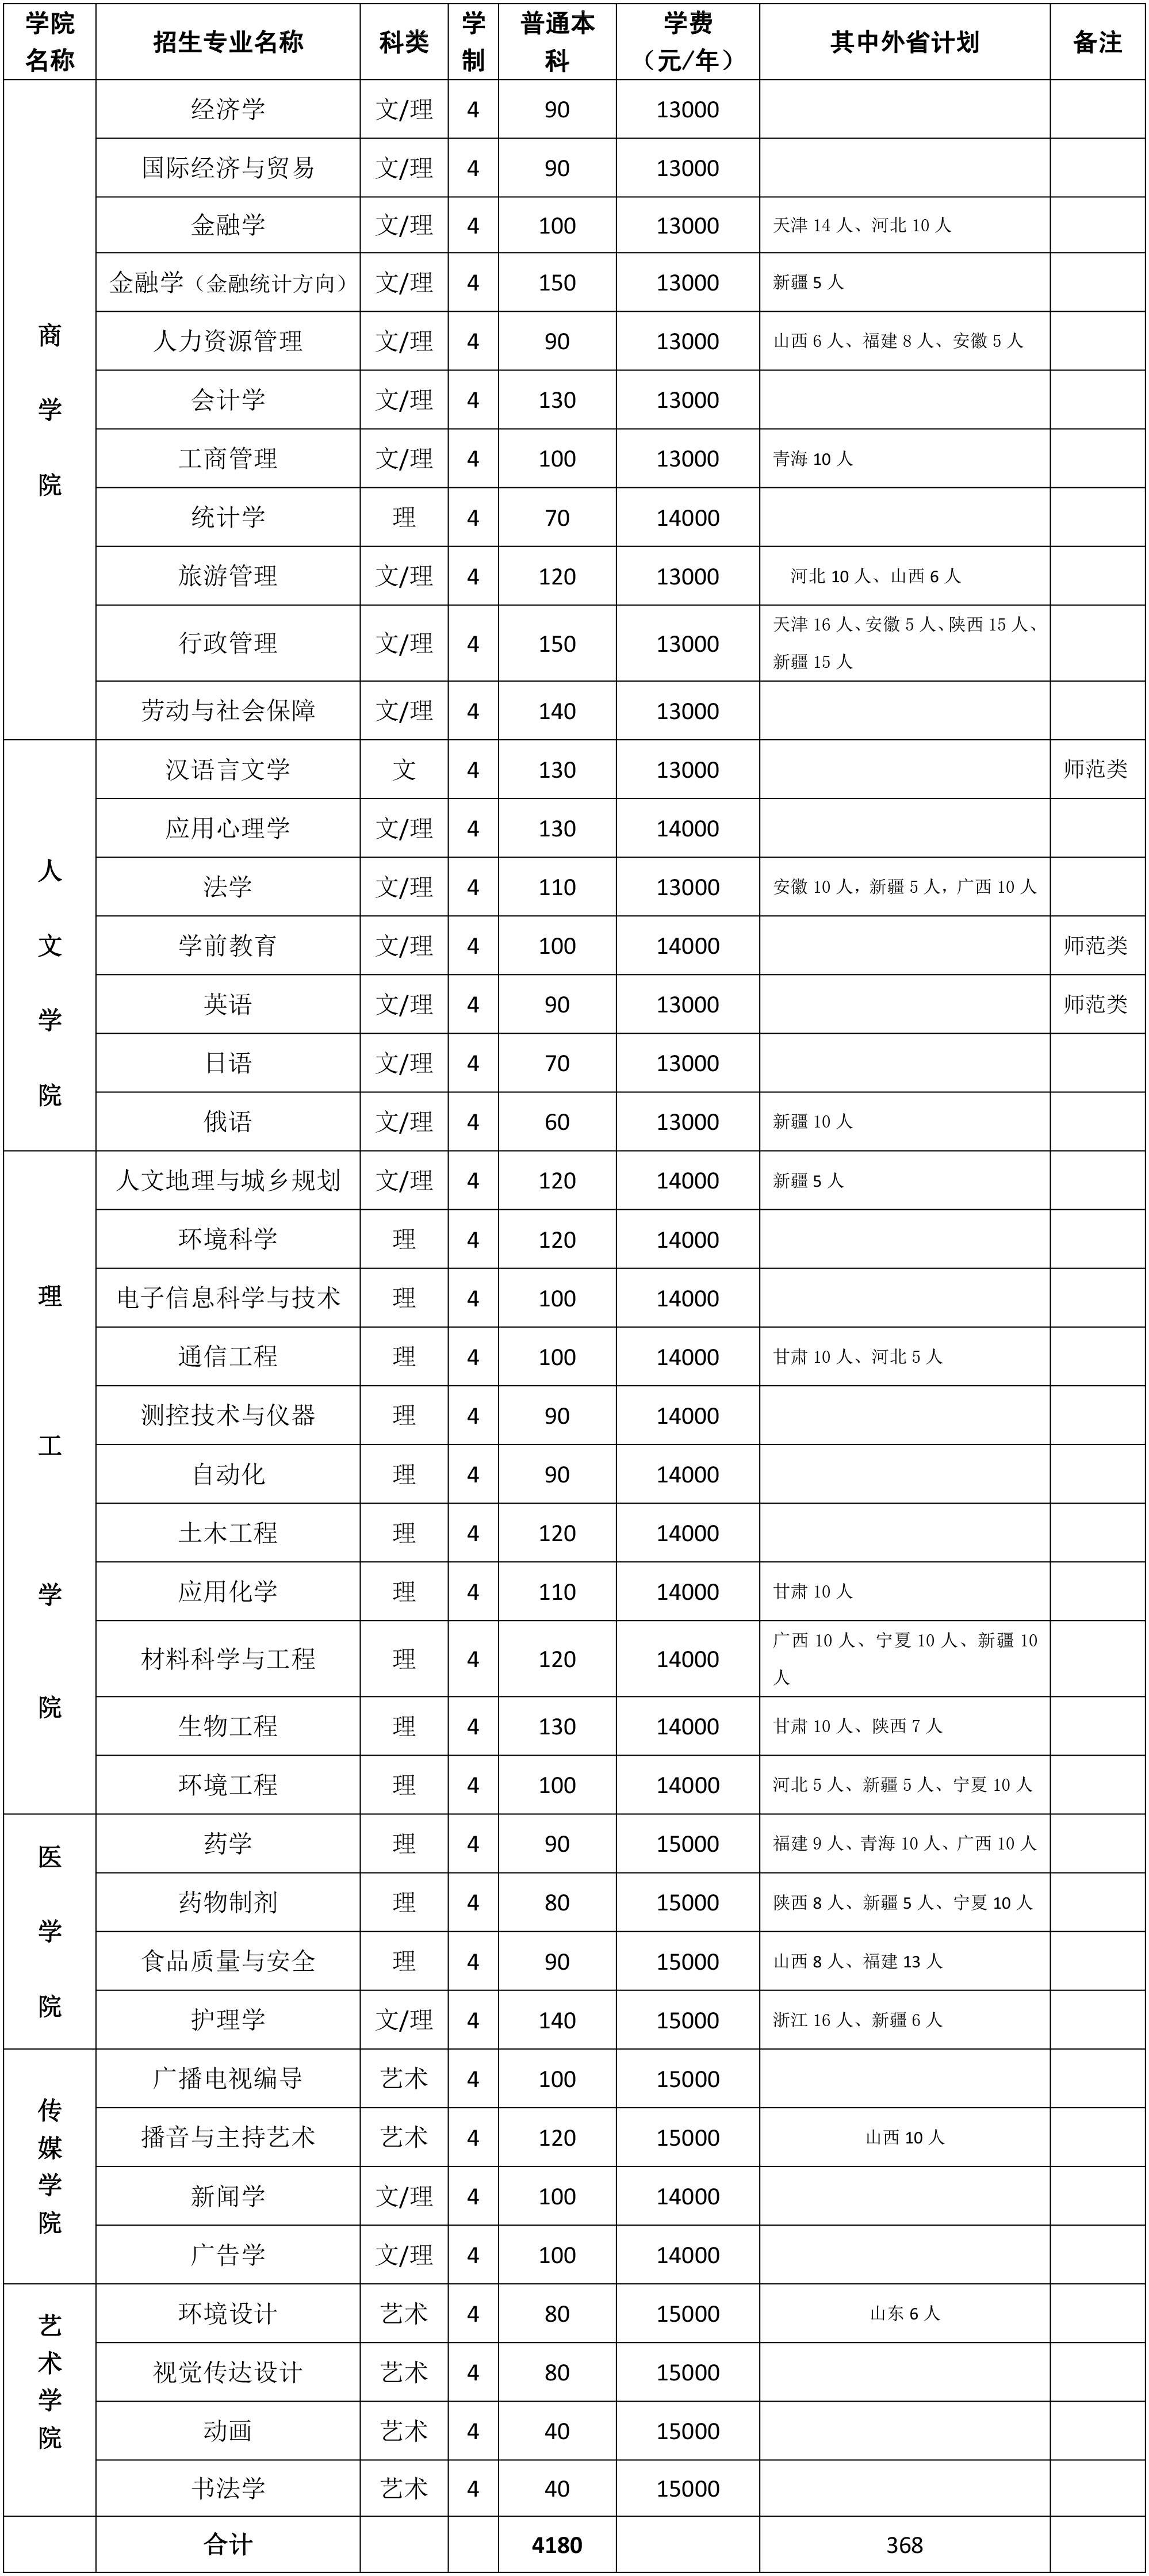 2018招生简章及专业介绍-1